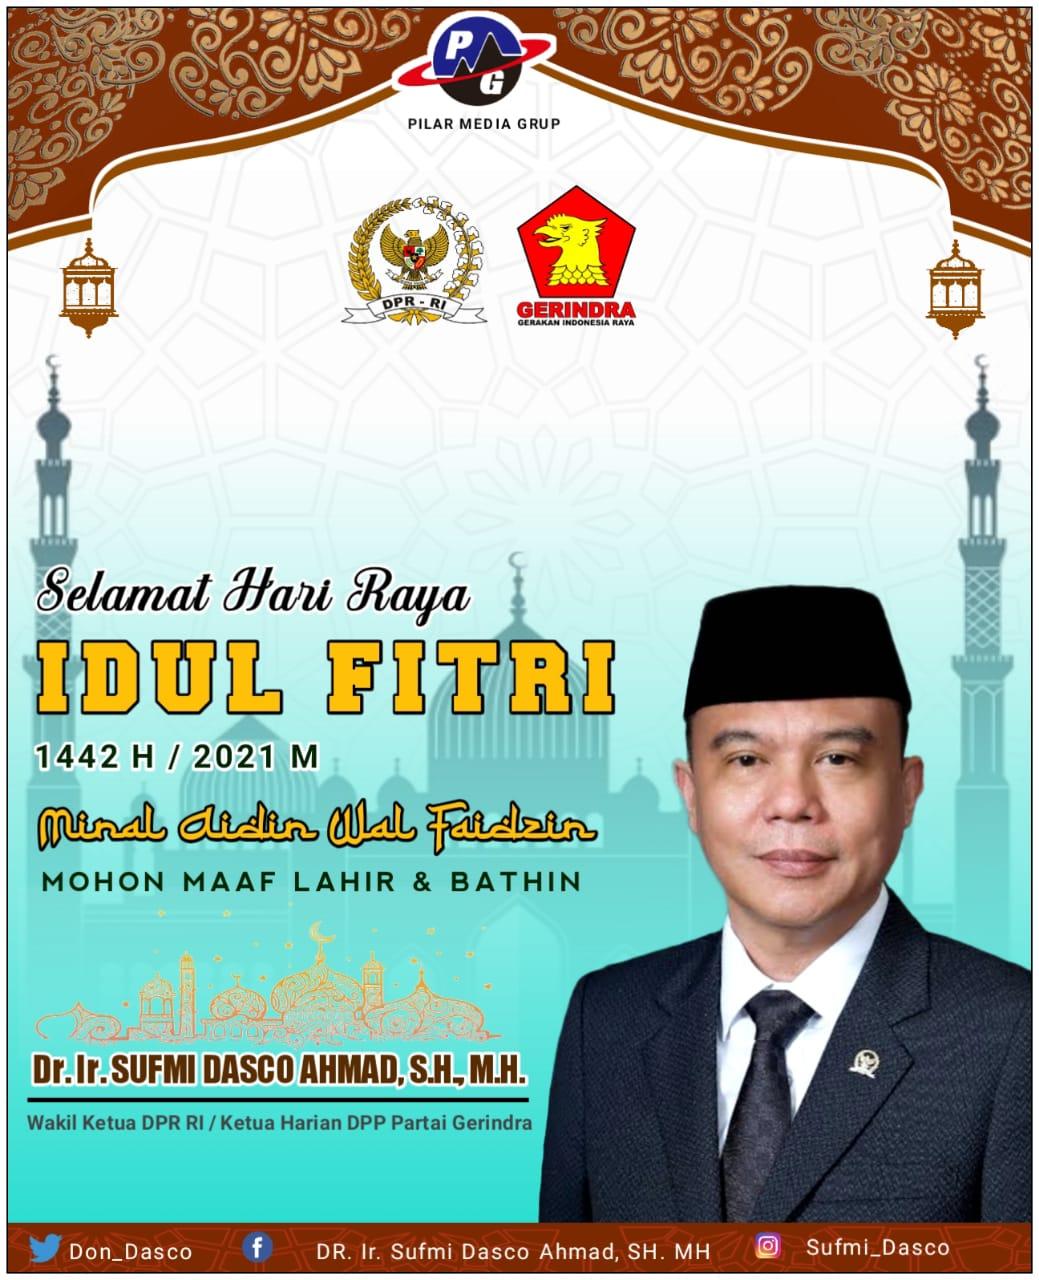 Sufmi Dasco – Selamat Hari Raya Idul Fitri 1442 H